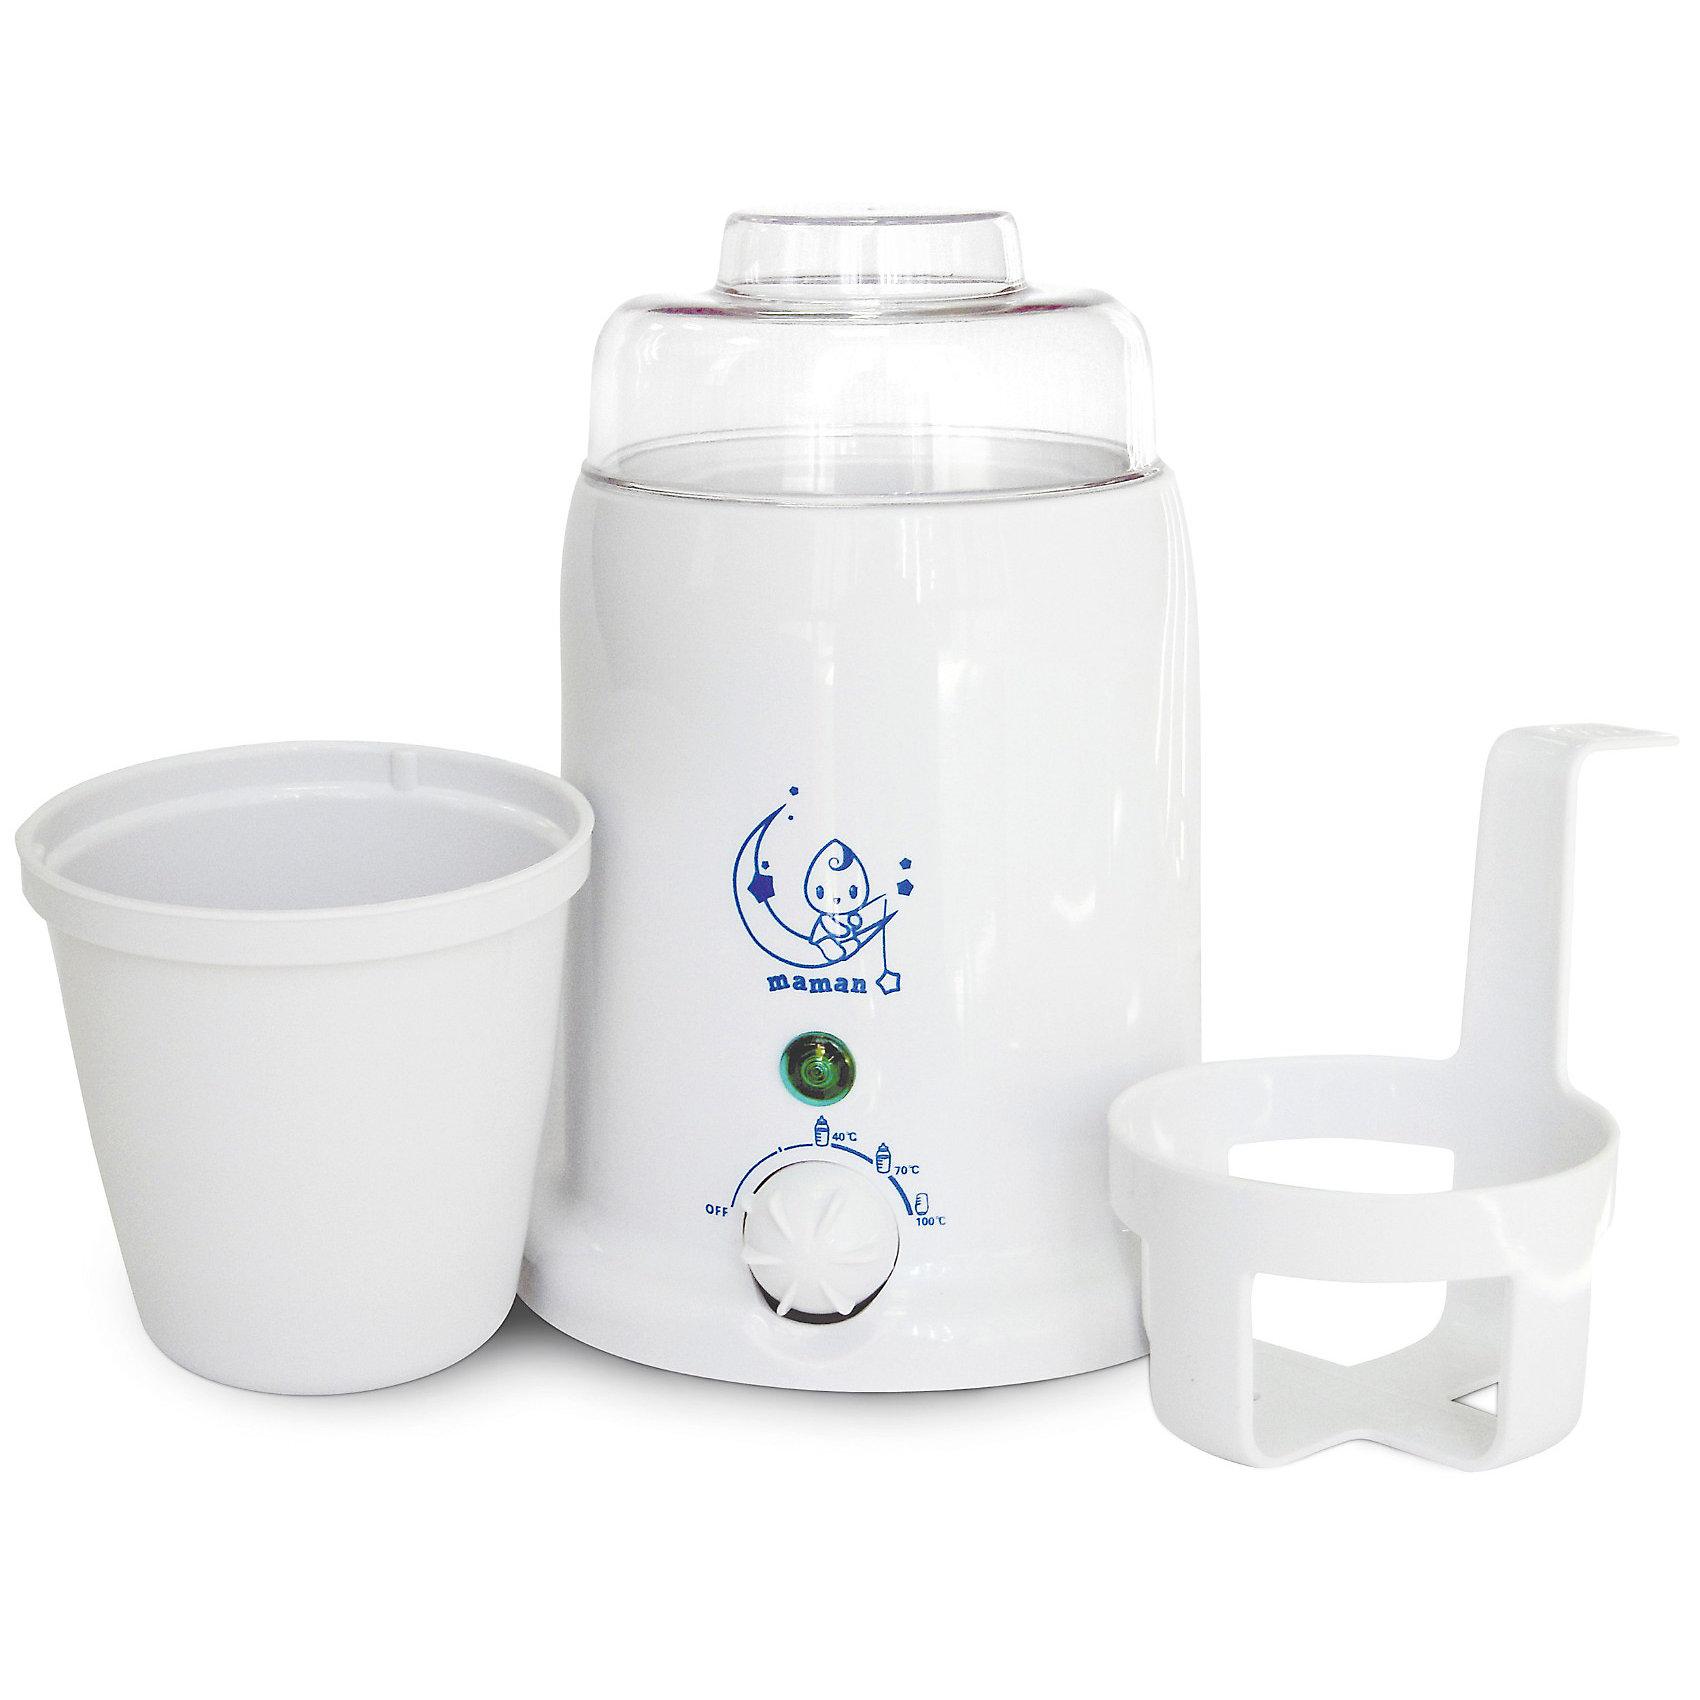 Подогреватель детского питания и стерилизатор Maman BY-01Подходит для всех типов бутылочек. <br>Позволяет разогревать баночки с детским питанием.<br>Нагревает за несколько минут.<br>Плавная регулировка температуры. <br>Автоматически поддерживает заданную температуру нагрева. <br>В комплекте специальный лифт для удобного извлечения баночек с детским питанием. <br>Стерилизация бутылочек, сосок, пустышек. <br>Безопасный, экономичный и надежный нагревательный элемент. <br>Индикатор состояния нагрева и готовности. <br>Комплектность: подогреватель, лифт, стакан с крышкой.<br><br>Ширина мм: 140<br>Глубина мм: 140<br>Высота мм: 200<br>Вес г: 471<br>Возраст от месяцев: 0<br>Возраст до месяцев: 36<br>Пол: Унисекс<br>Возраст: Детский<br>SKU: 3375640